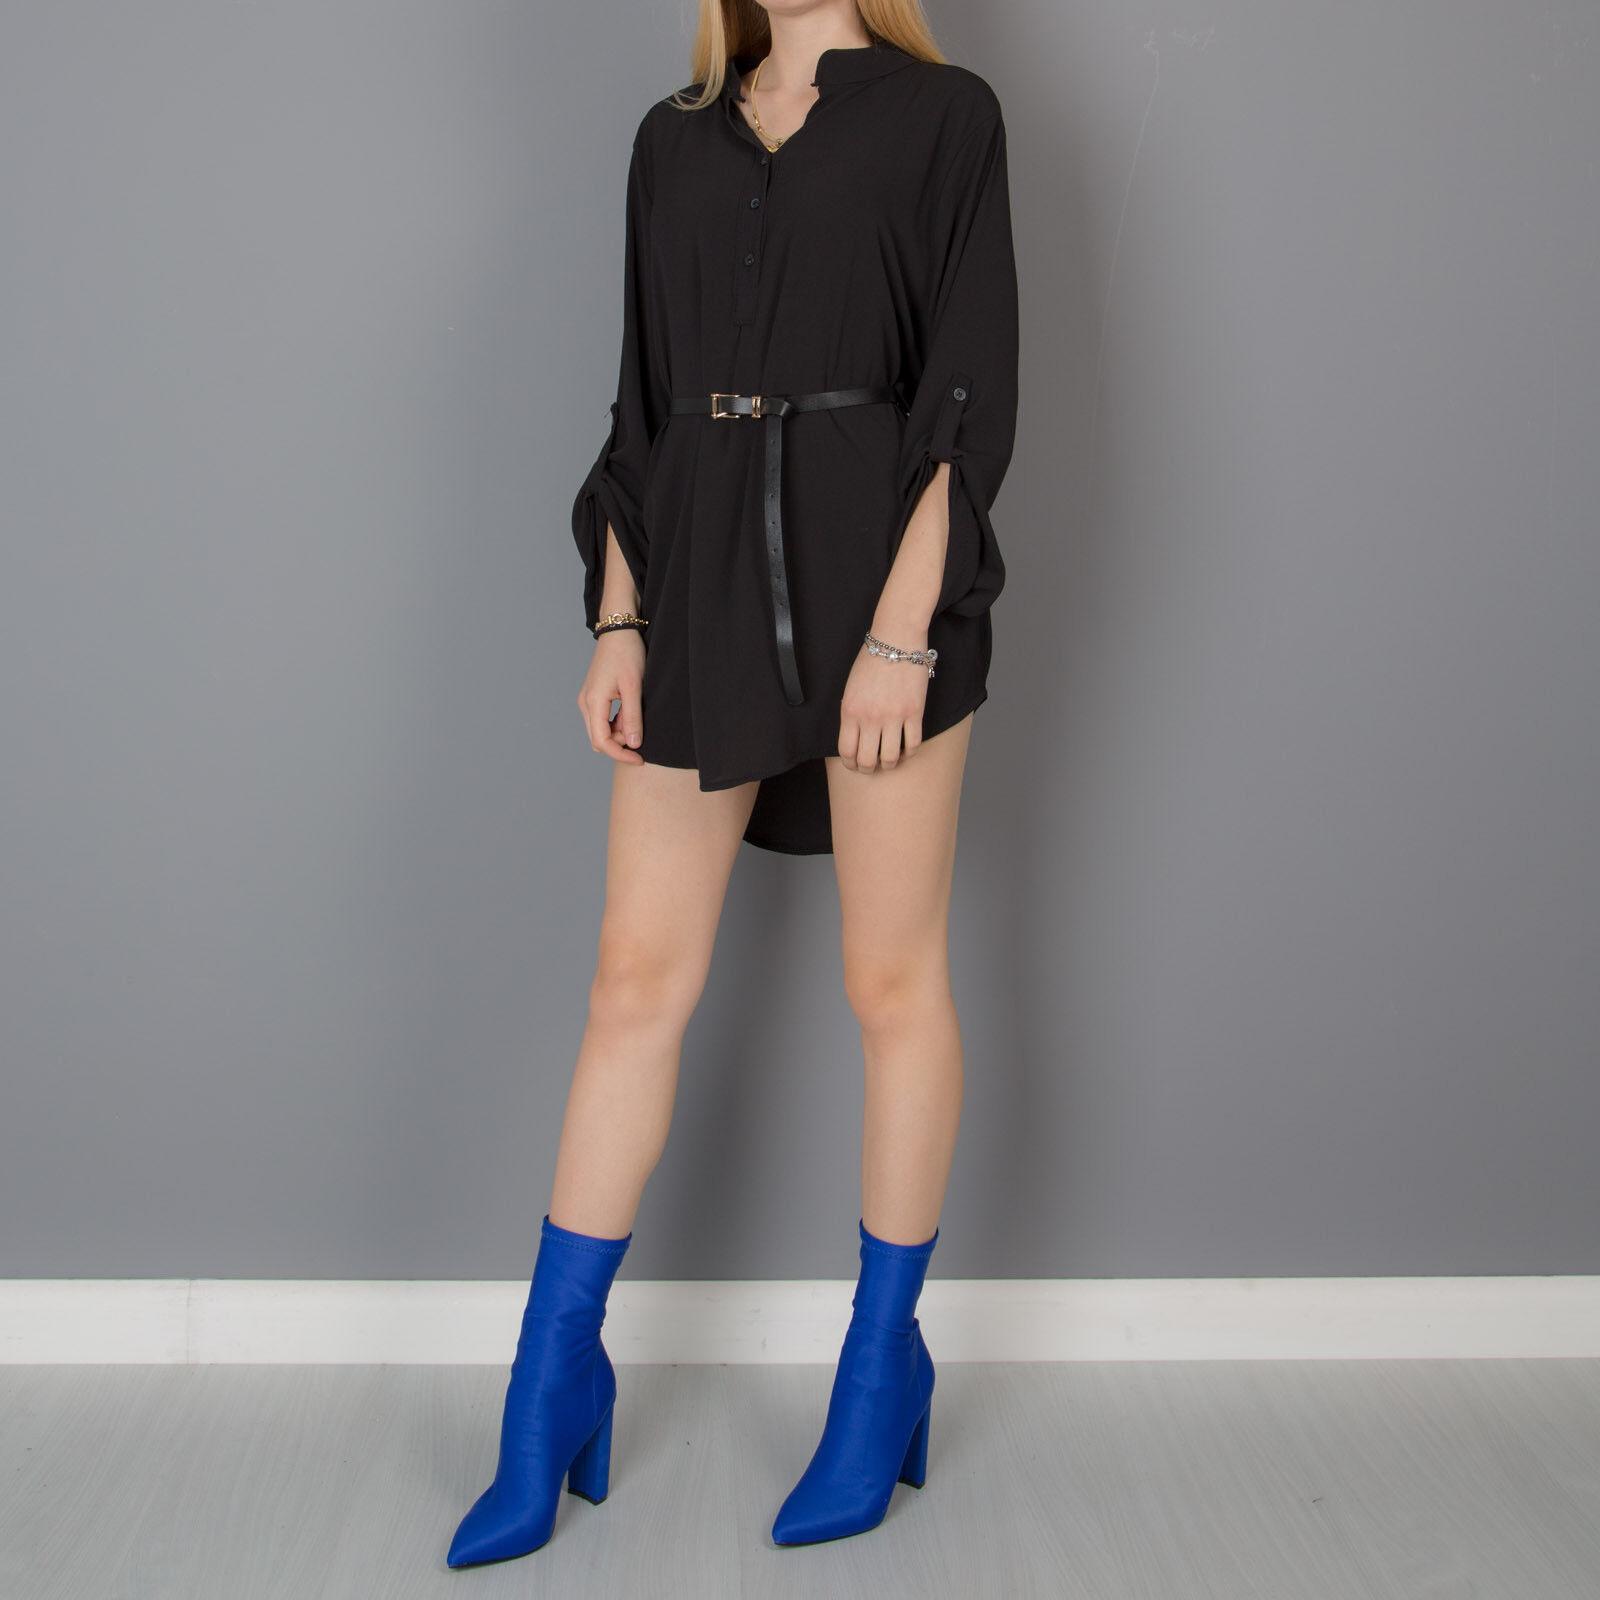 a25651b46367 Camicia donna lunga camicetta casacca mini abito cintura collo coreana  4986-aa.